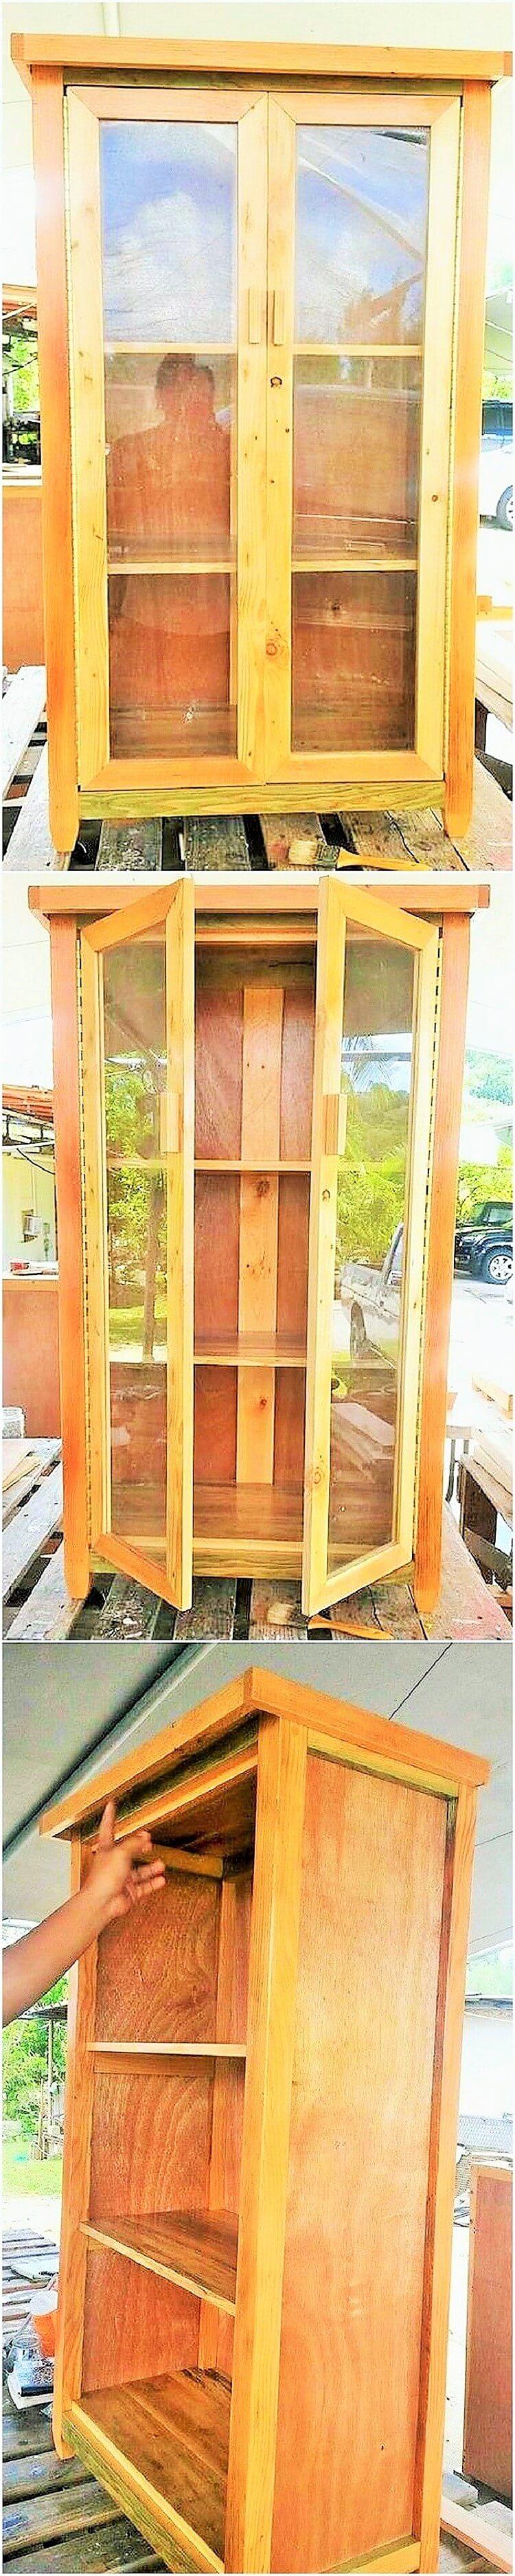 wooden lamari